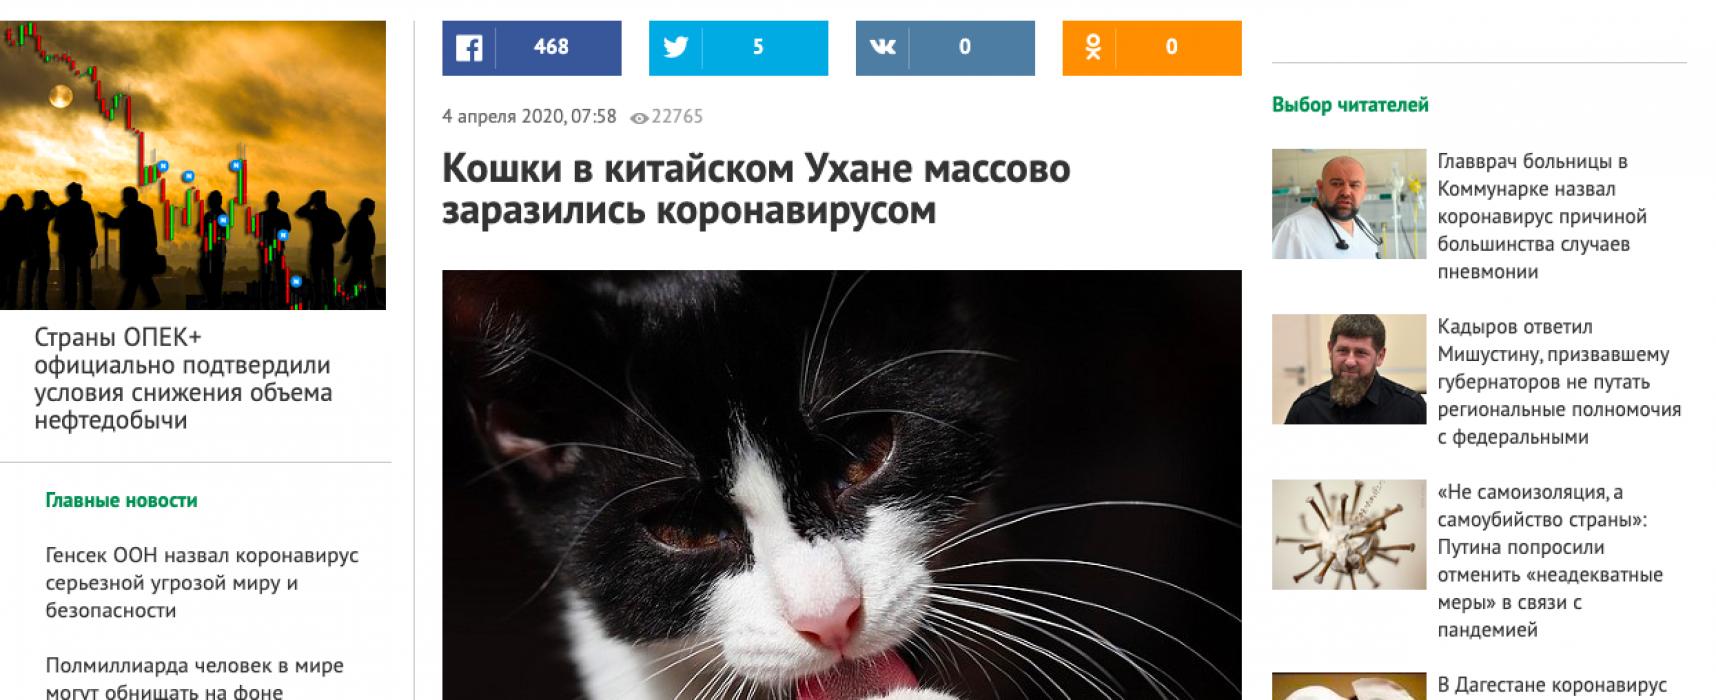 Falso: Gatos portan coronavirus y pueden infectar a los humanos